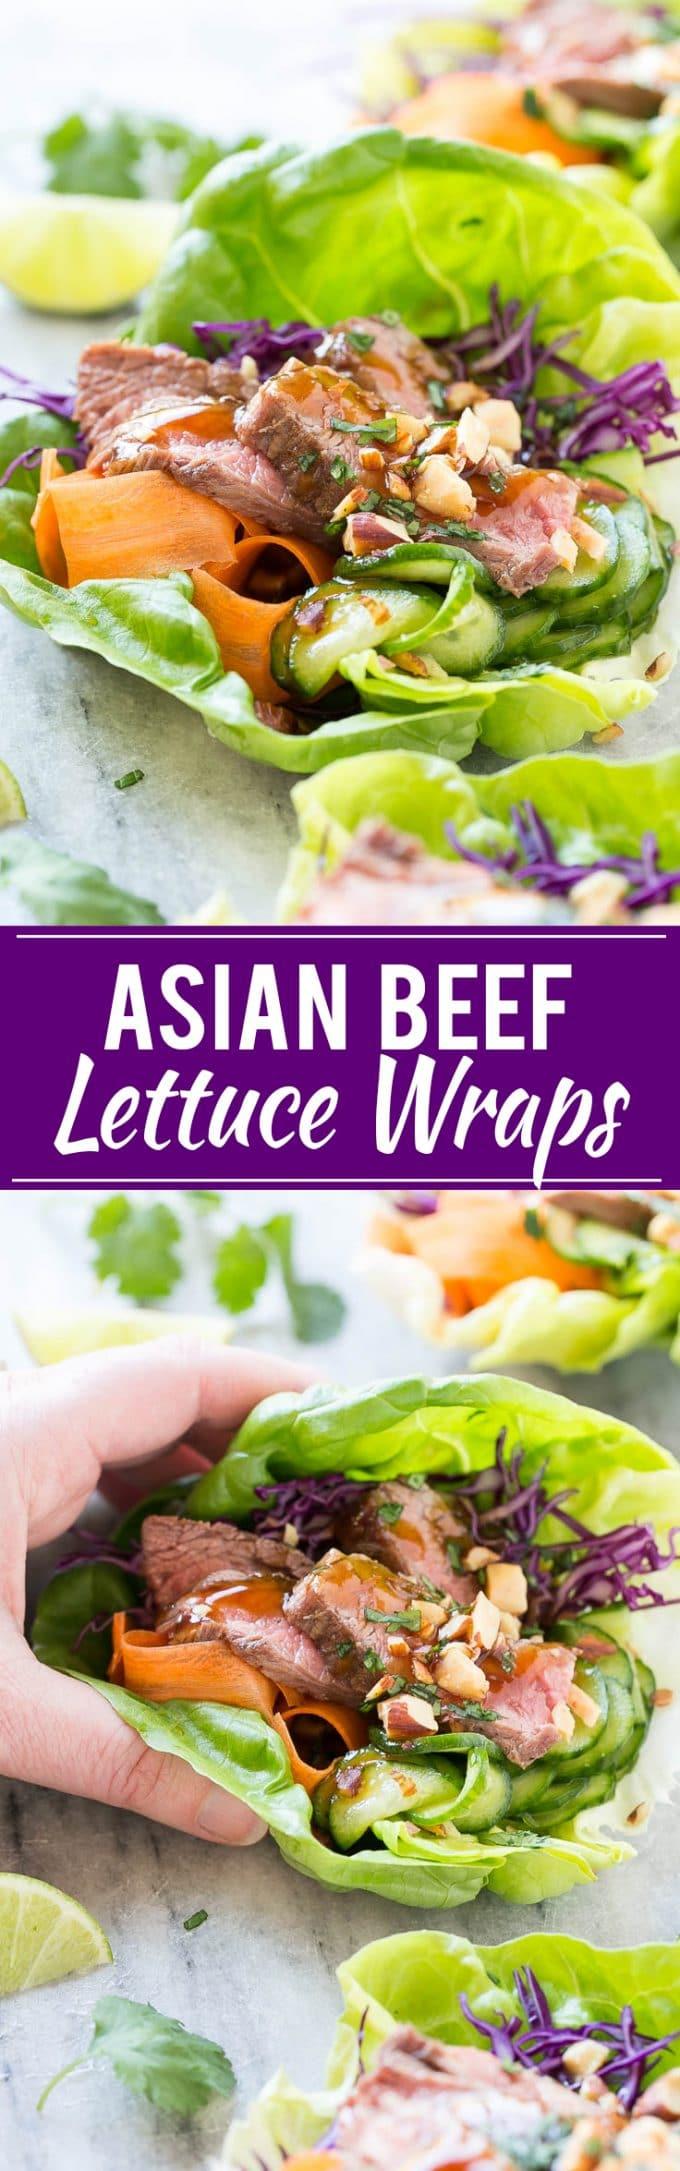 Beef Lettuce Wrap Recipe | Beef Lettuce Wraps | Easy Beef Lettuce Wraps | Best Beef Lettuce Wraps | Asian Beef Lettuce Wraps | Asian Lettuce Wraps